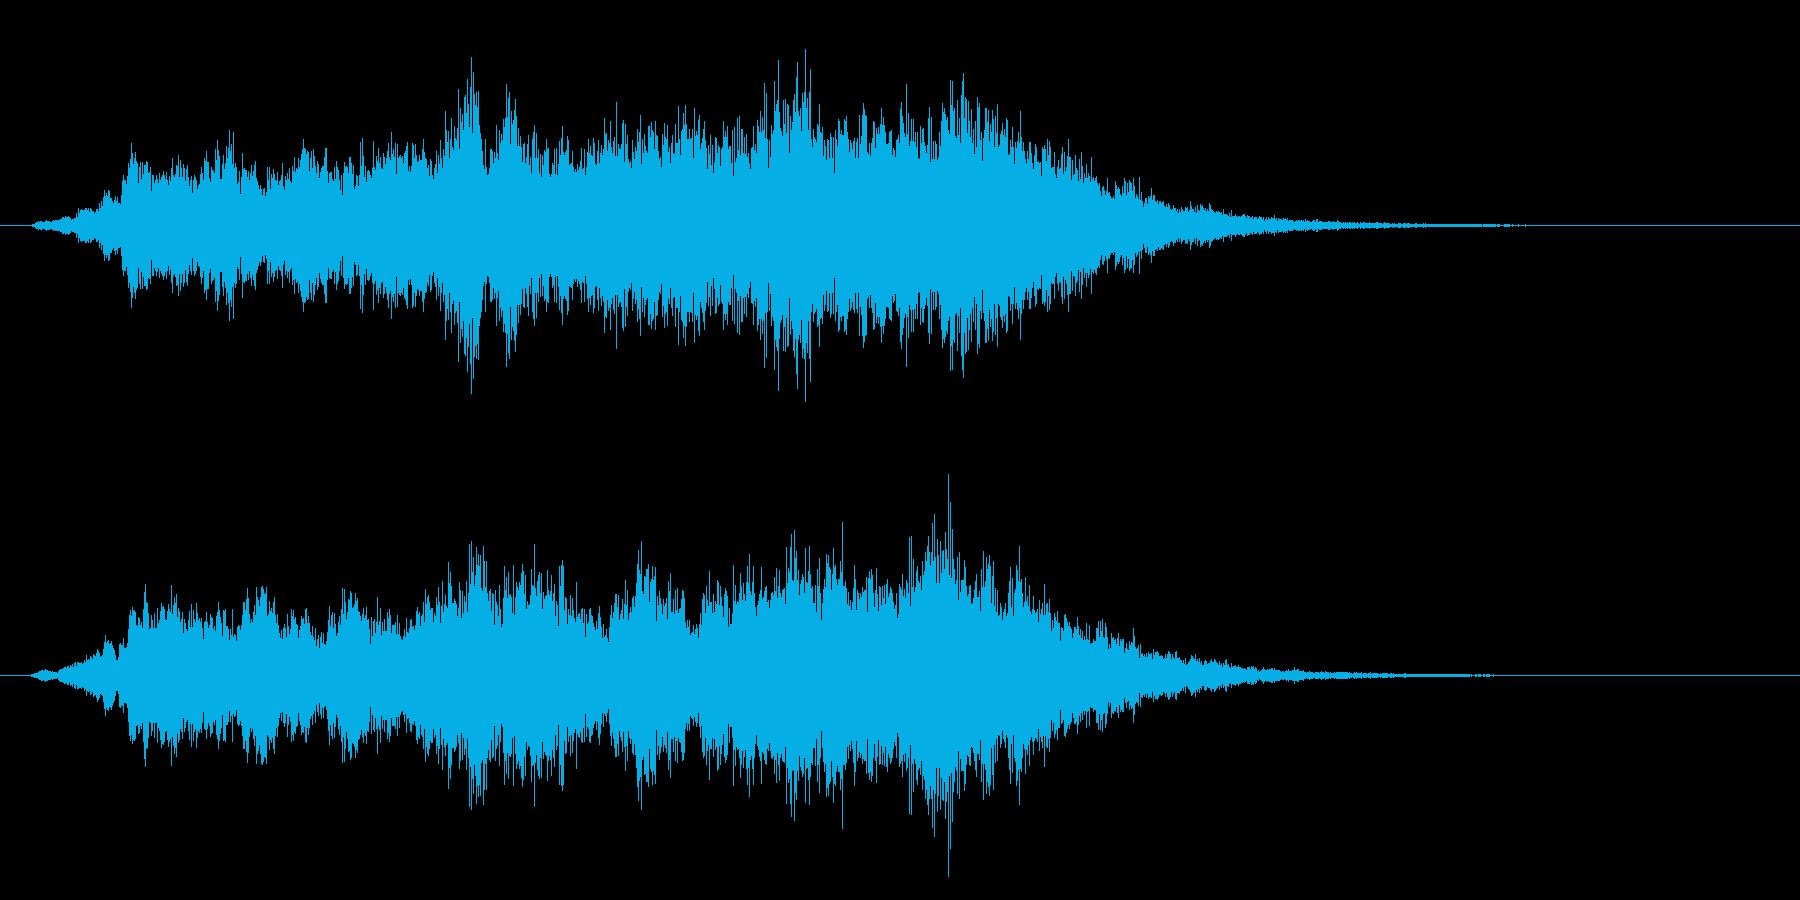 パソコンの起動音風ジングル1の再生済みの波形